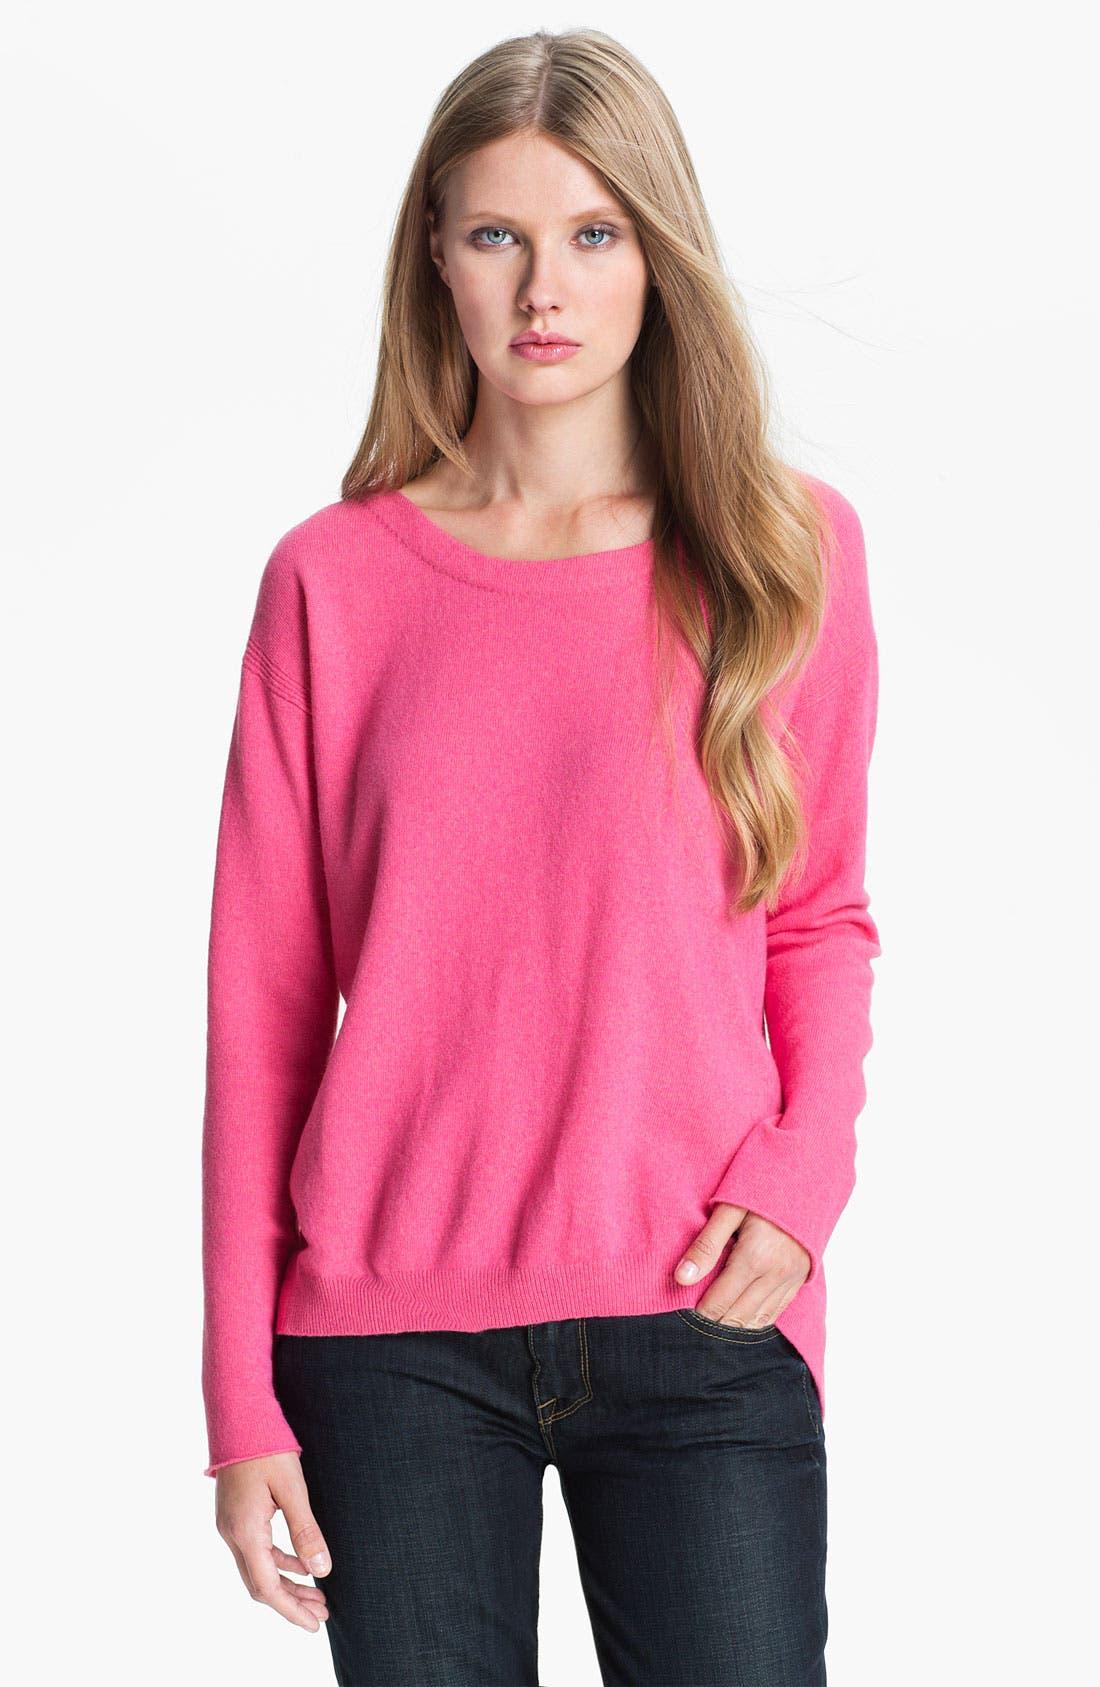 Main Image - Diane von Furstenberg 'Garnet' Cashmere Sweater